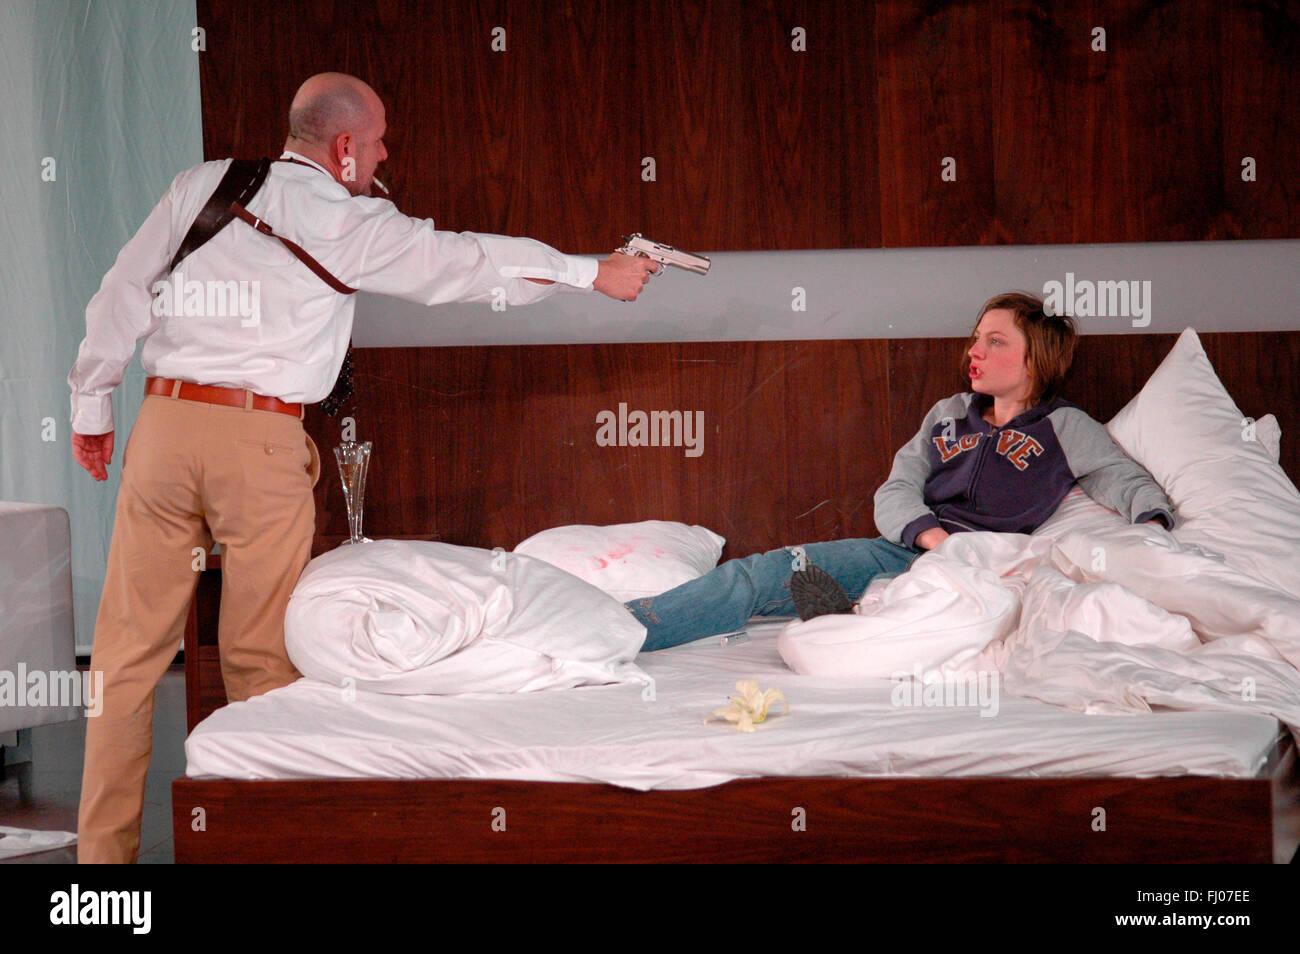 Ulrich Muehe, Katharina Schuettler - Theaterproduktion 'Zerbombt' (nach einem Text von Sarah Kane, Regie: - Stock Image